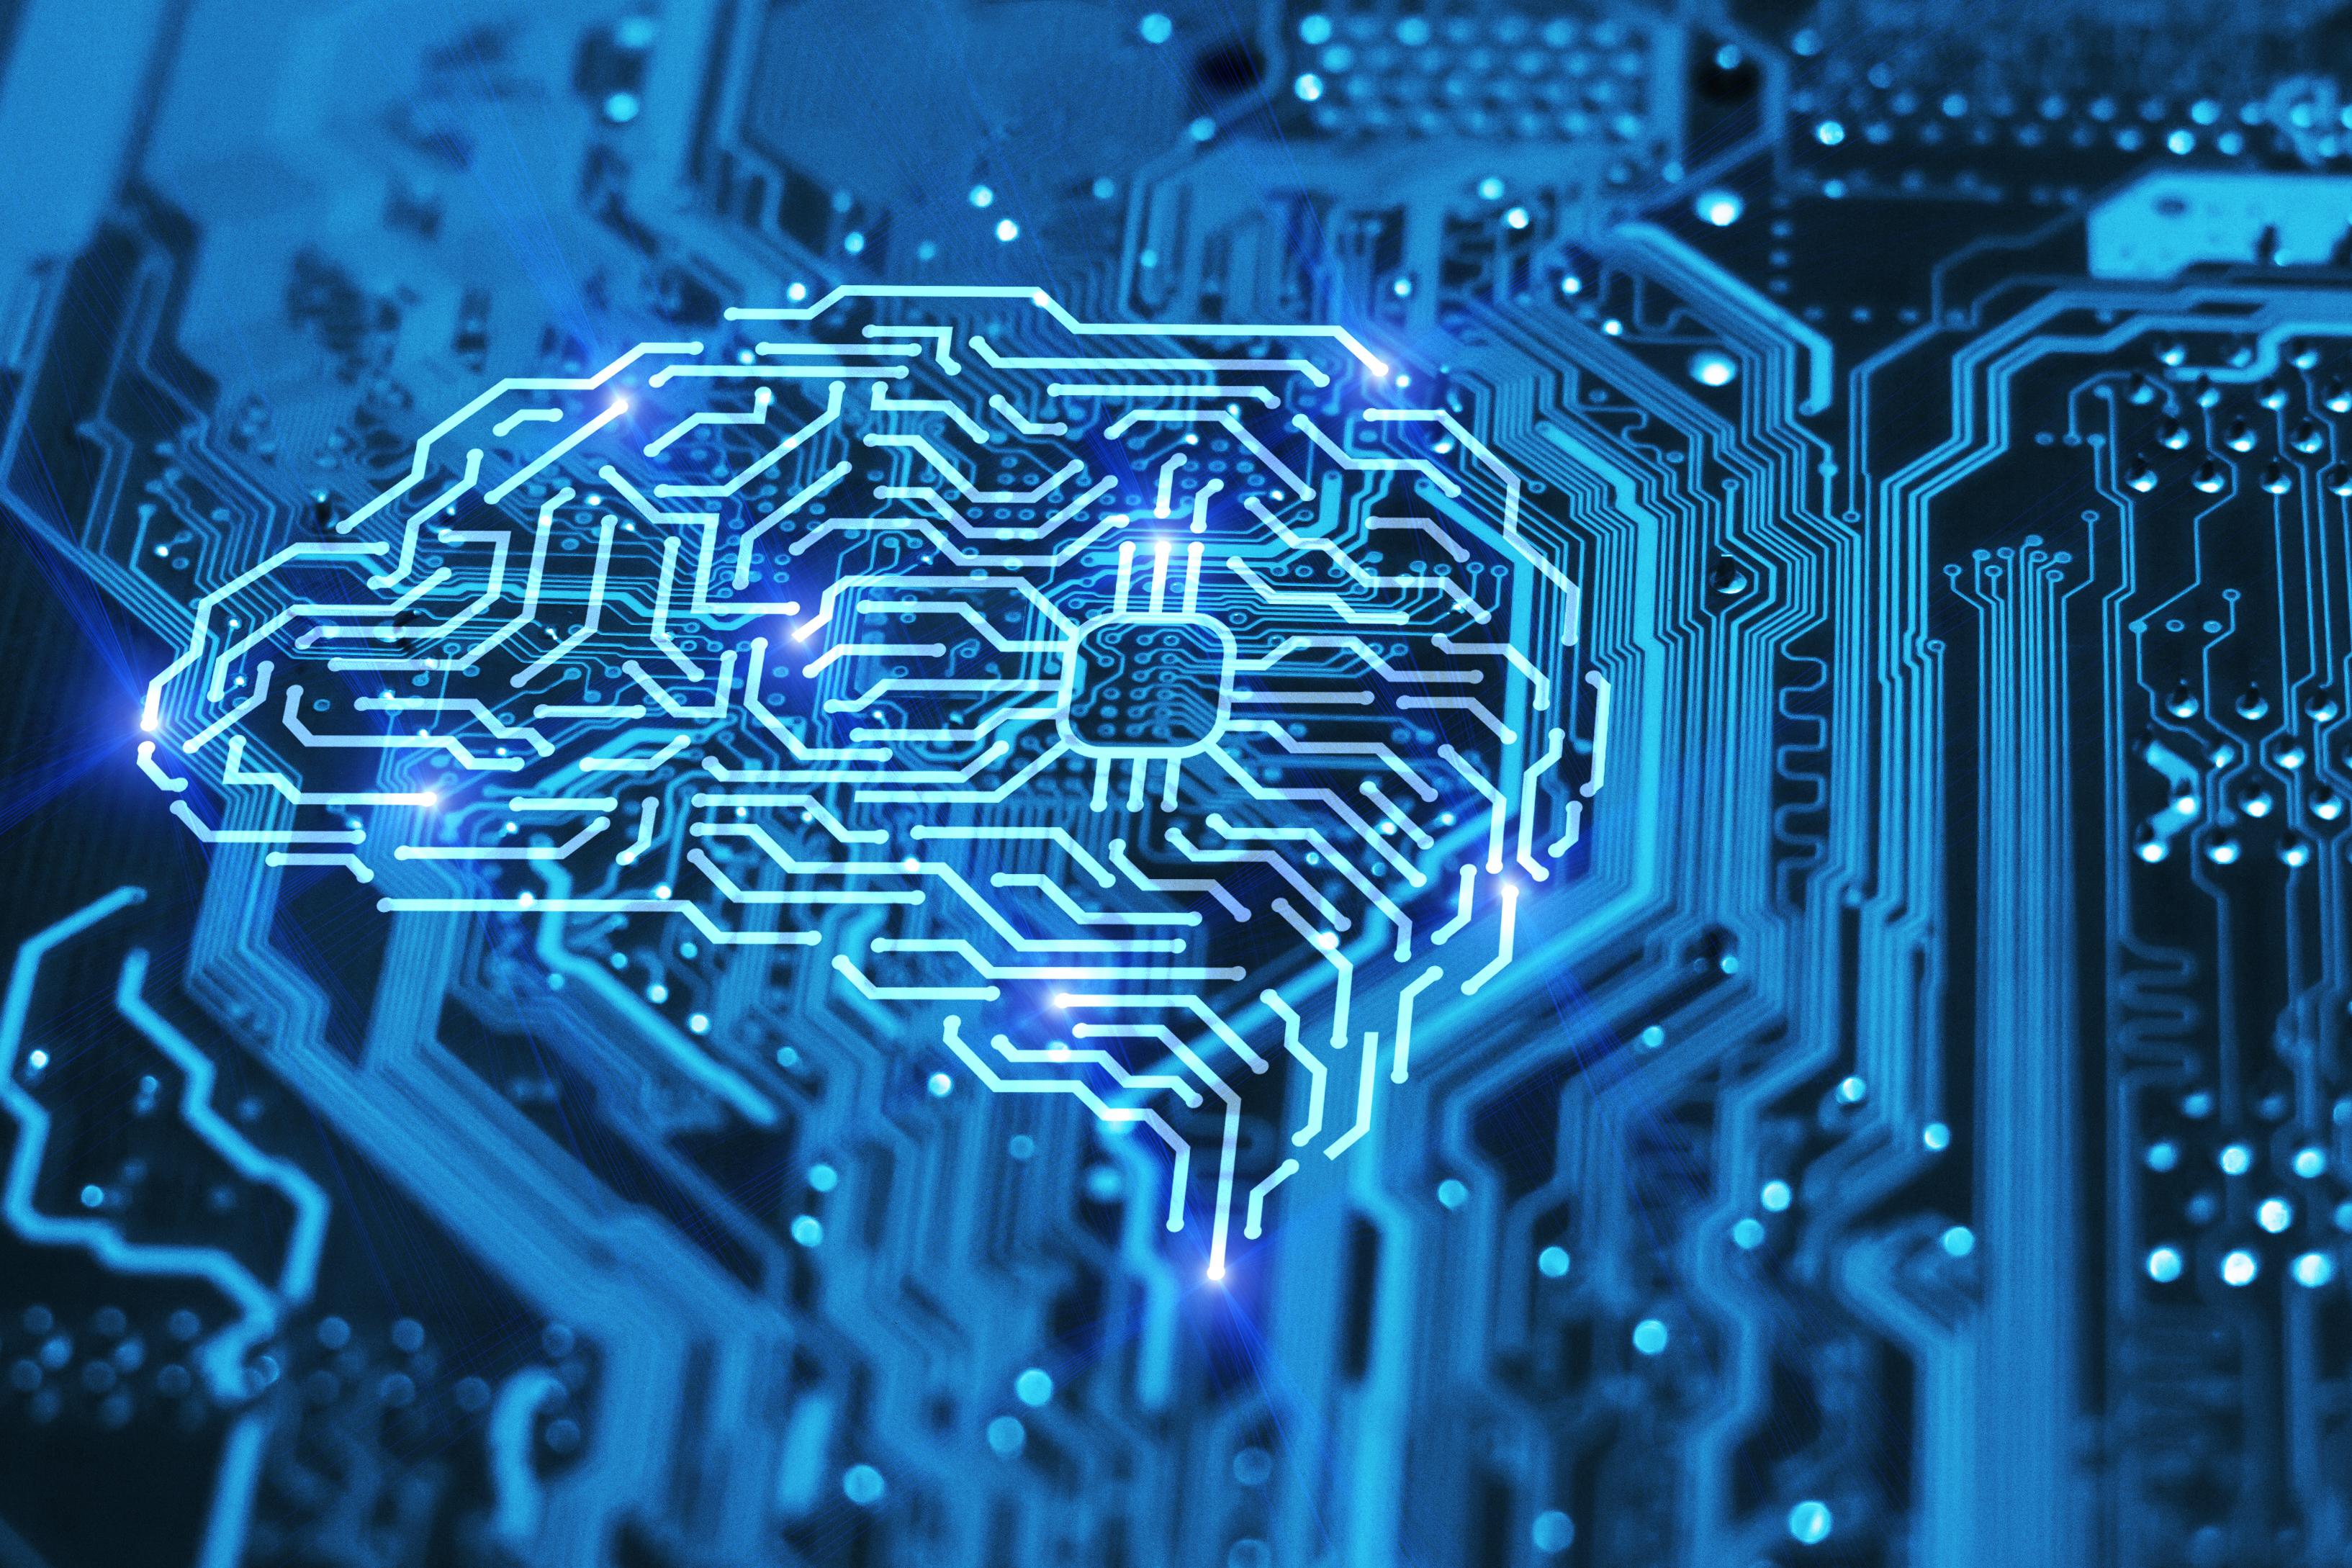 阿里云发布智能网联记录仪解决方案 助力车载记录仪行业升级